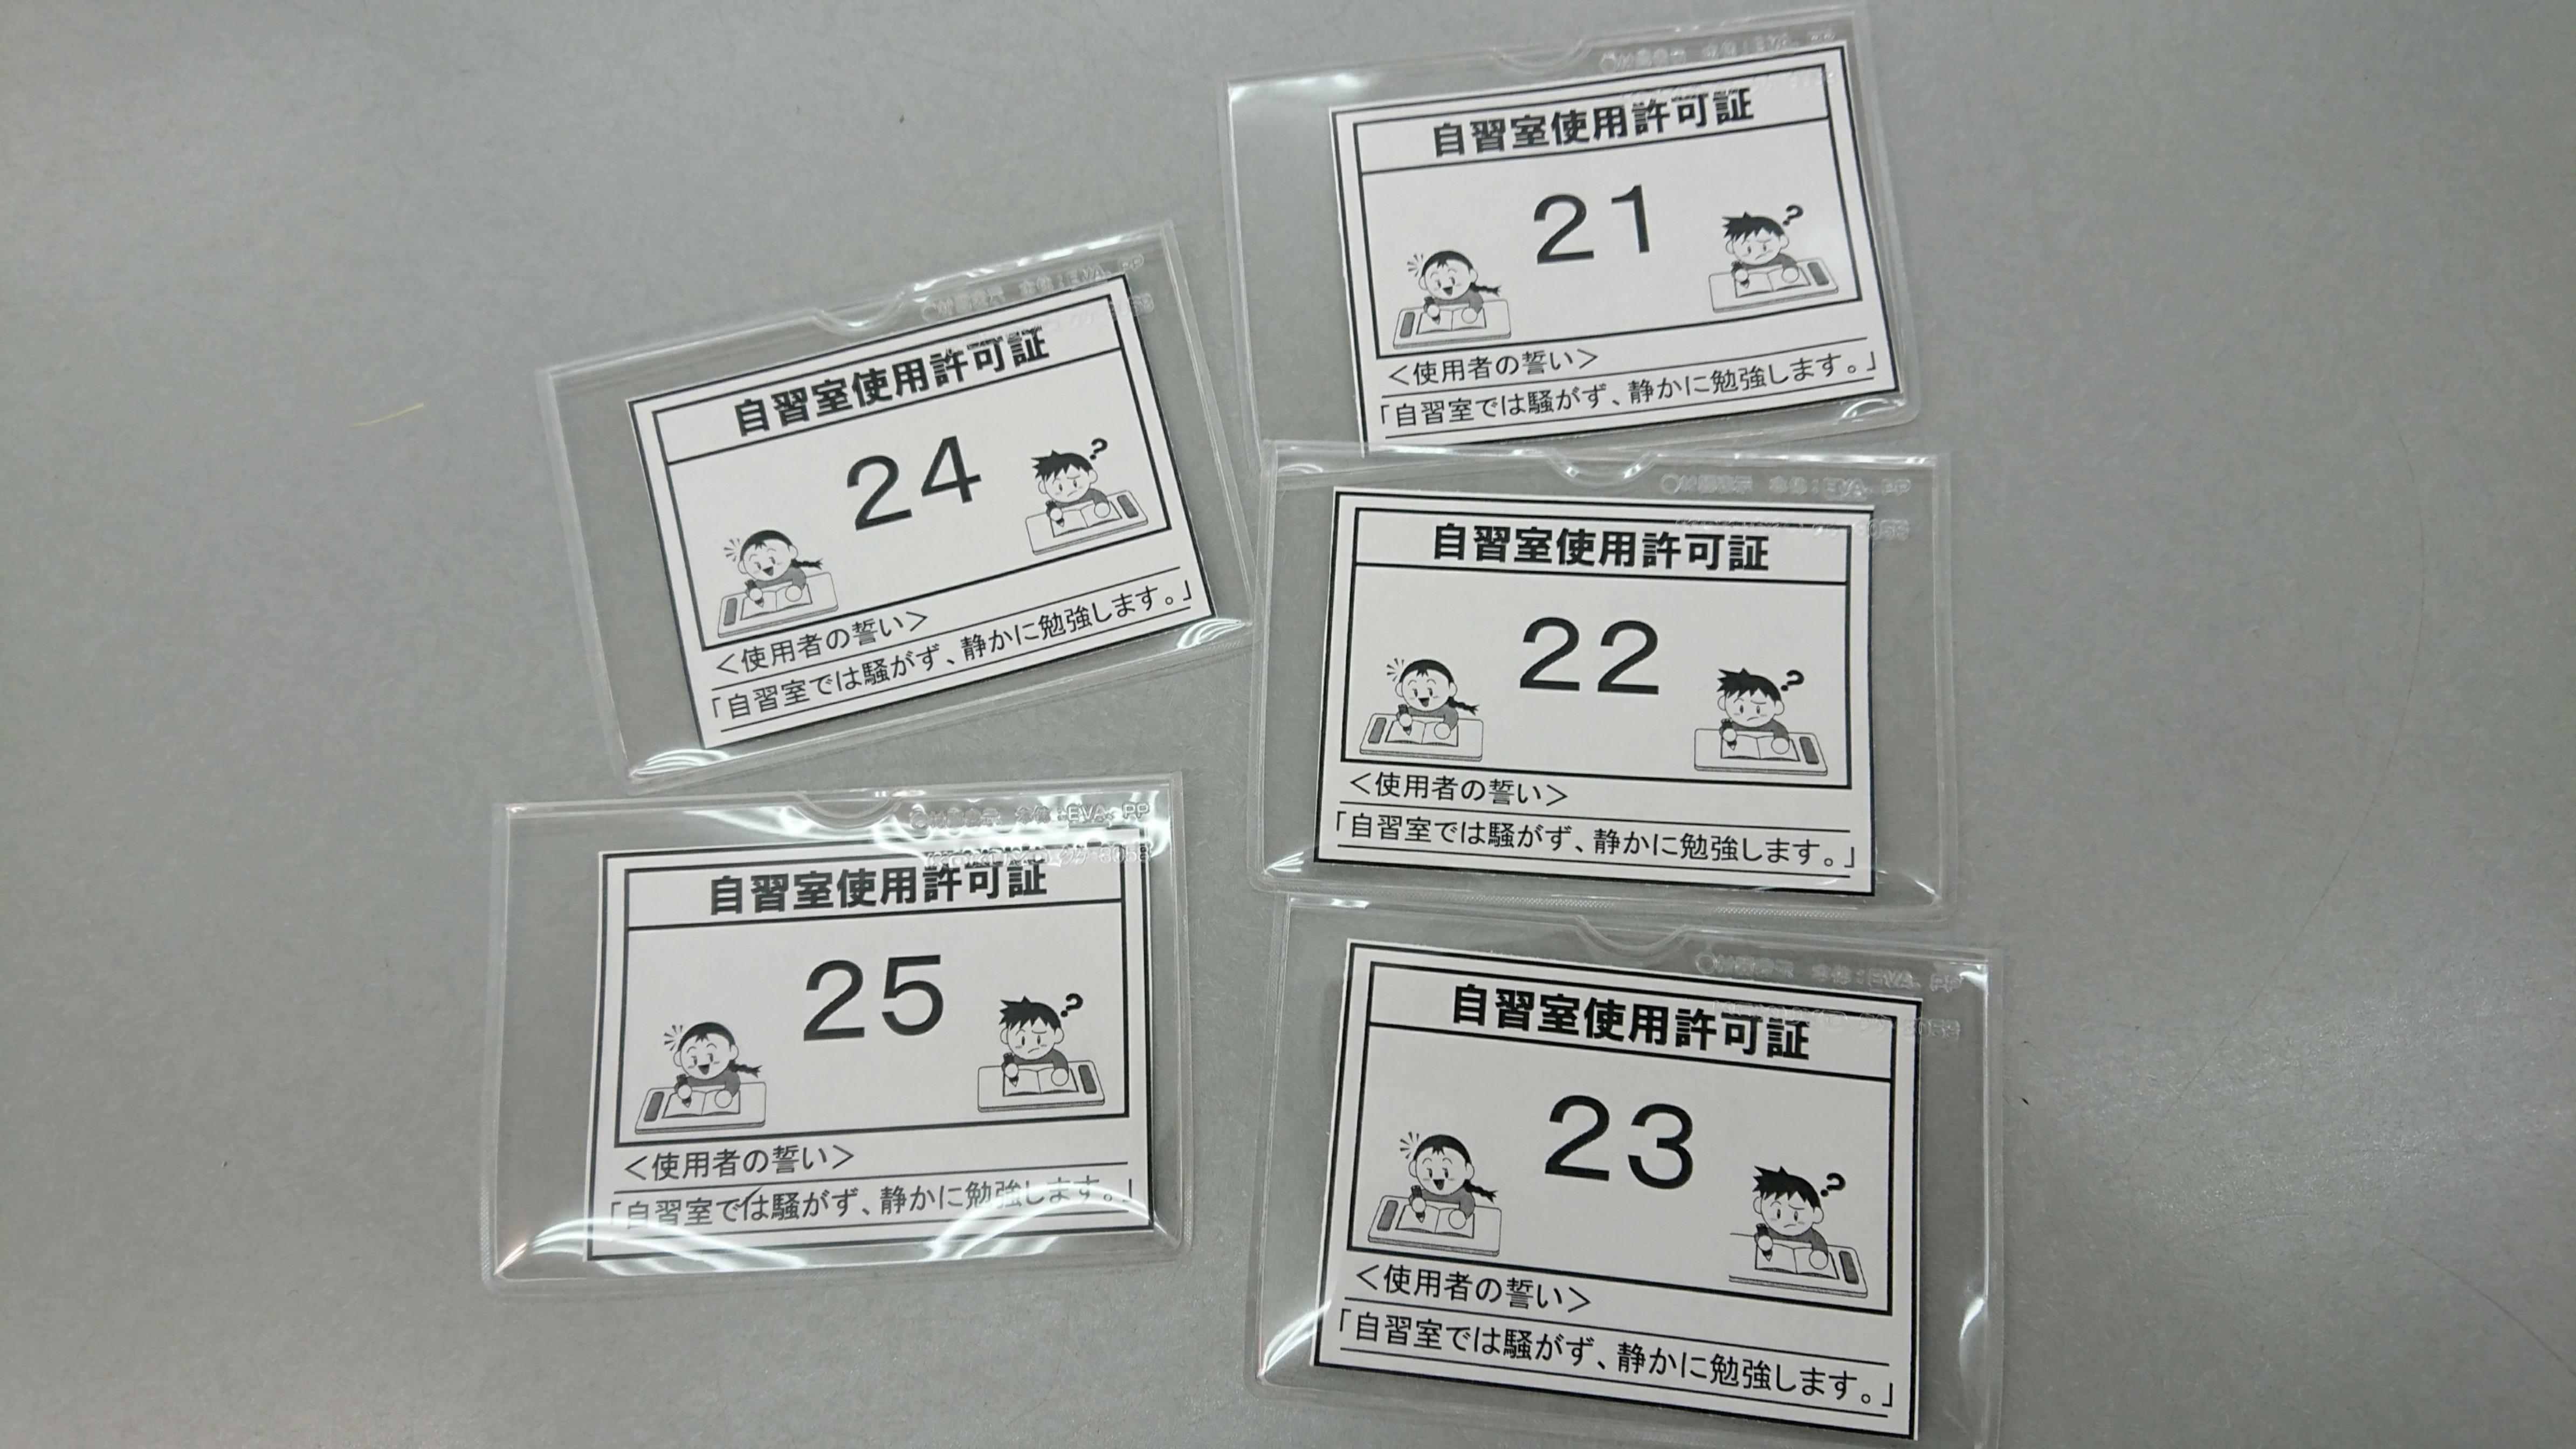 自習室カード